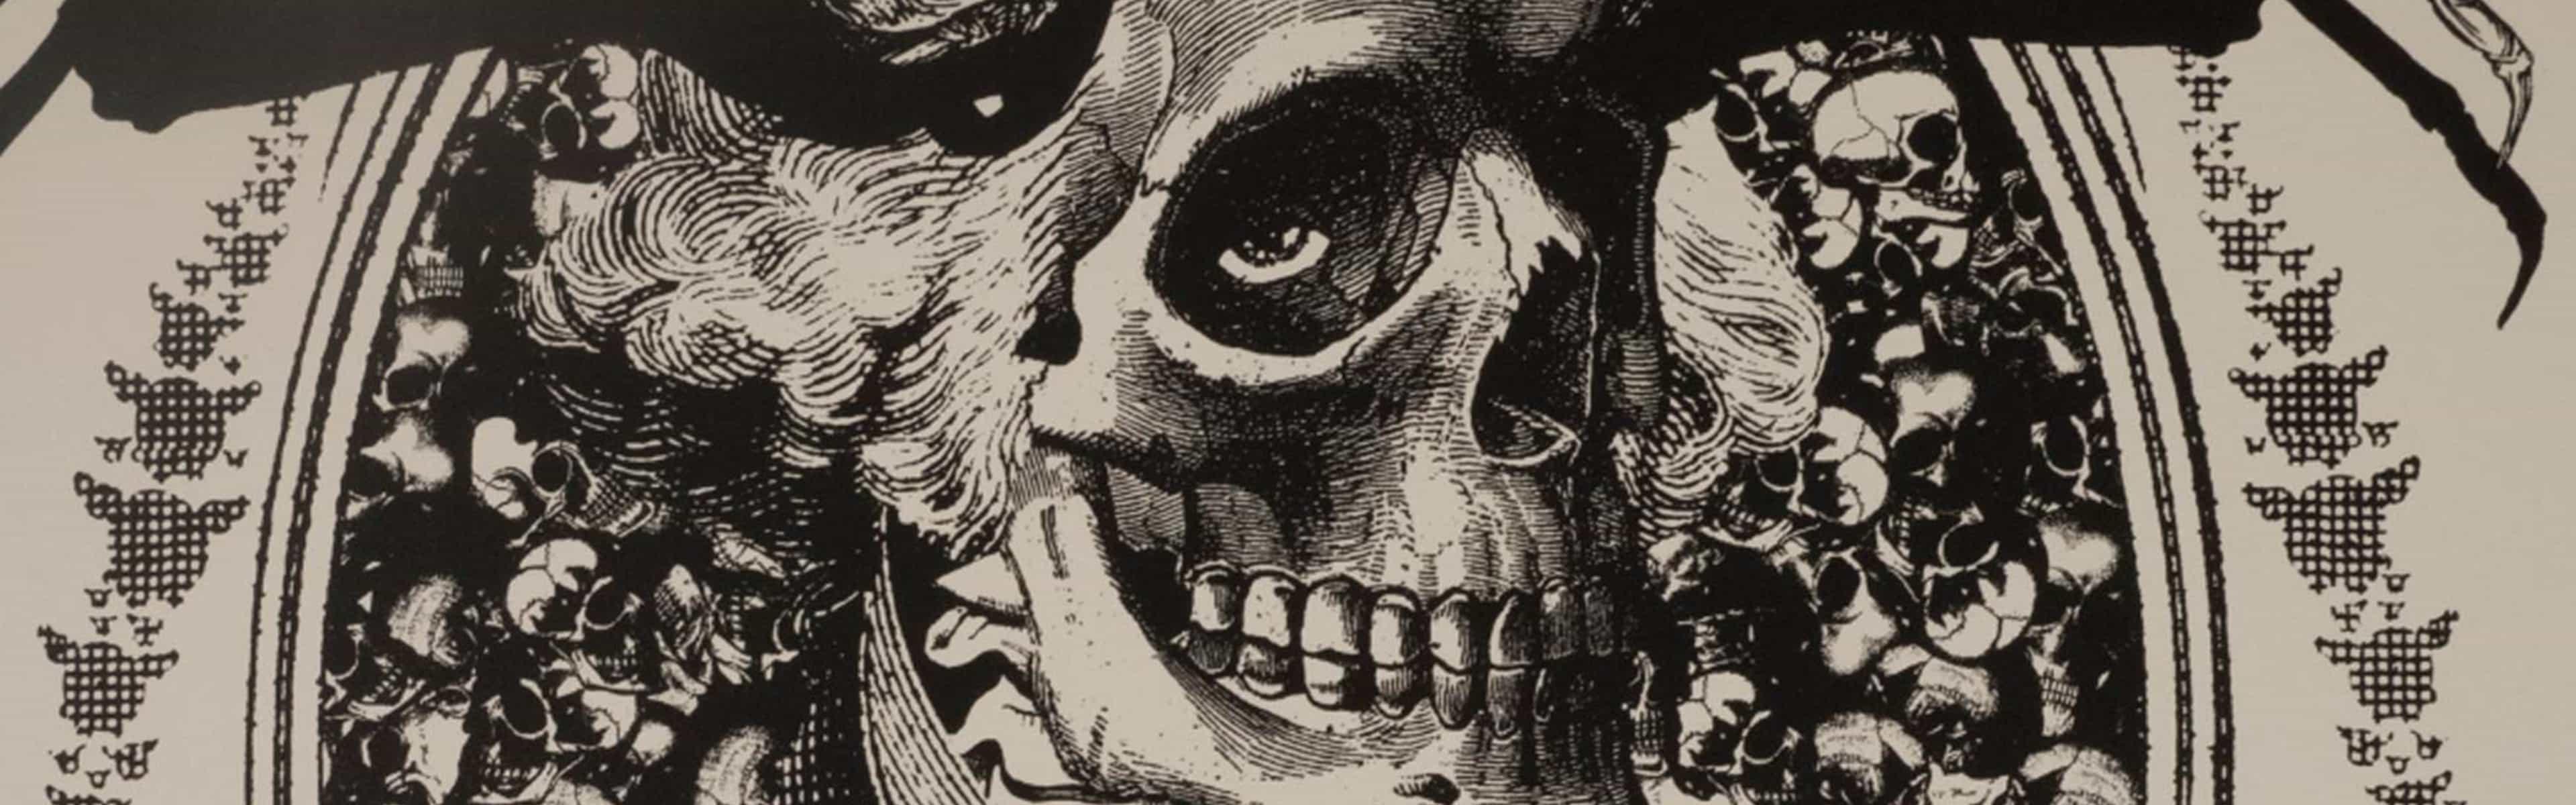 d*face Artwork